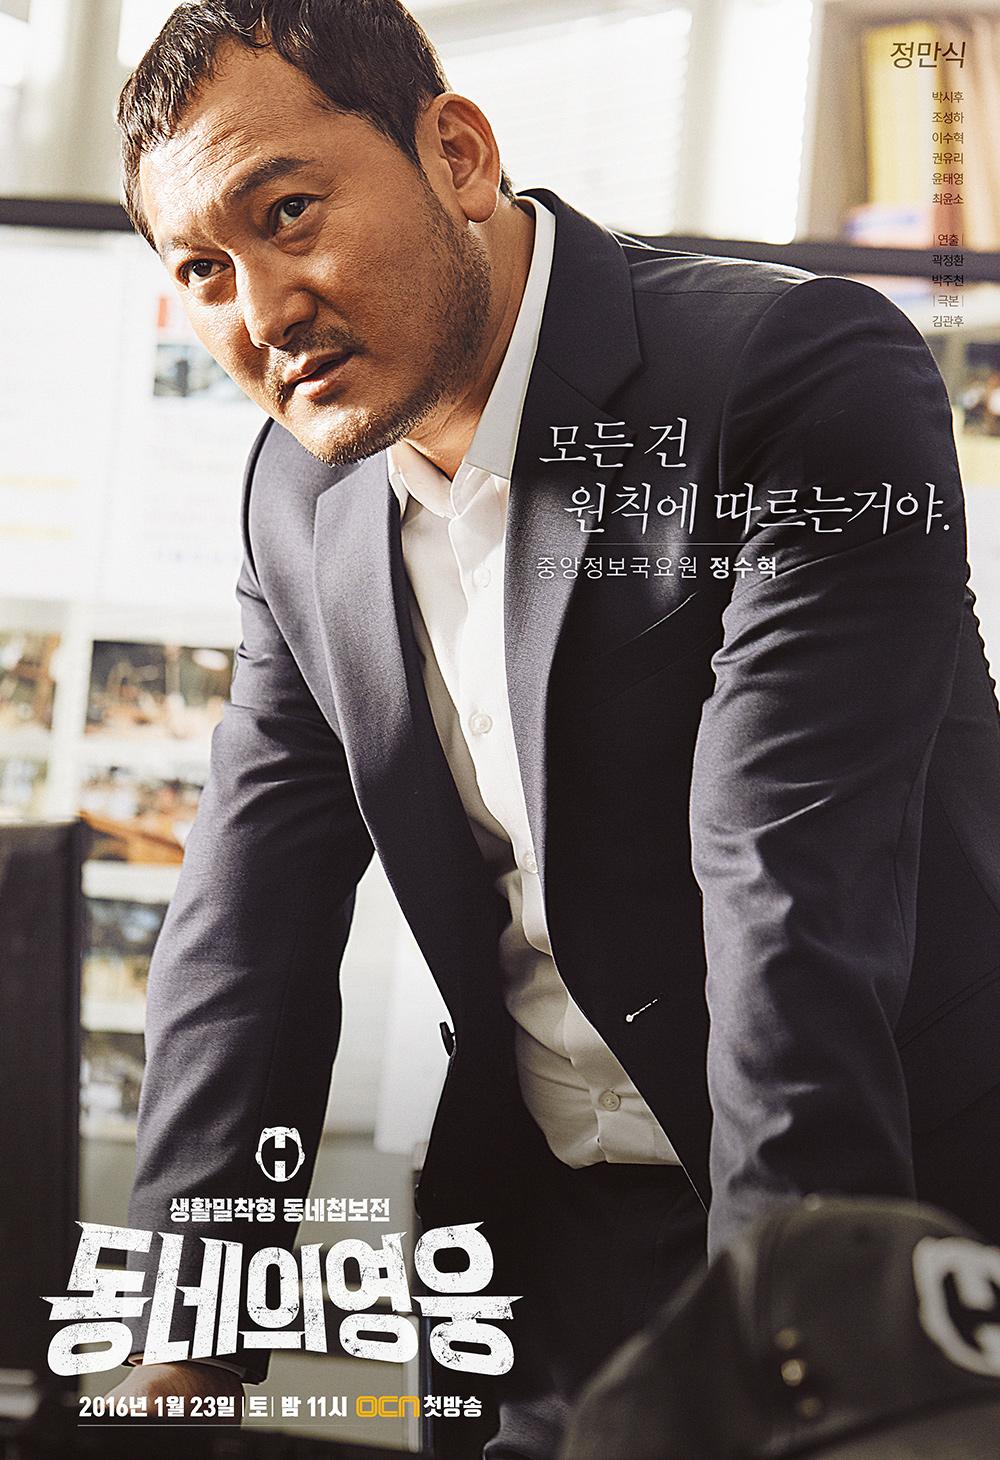 Дорама Герой по соседству (동네의 영웅, Dongneui Youngwoong, Neighborhood's Hero) - каст сериала, промо (01).jpg